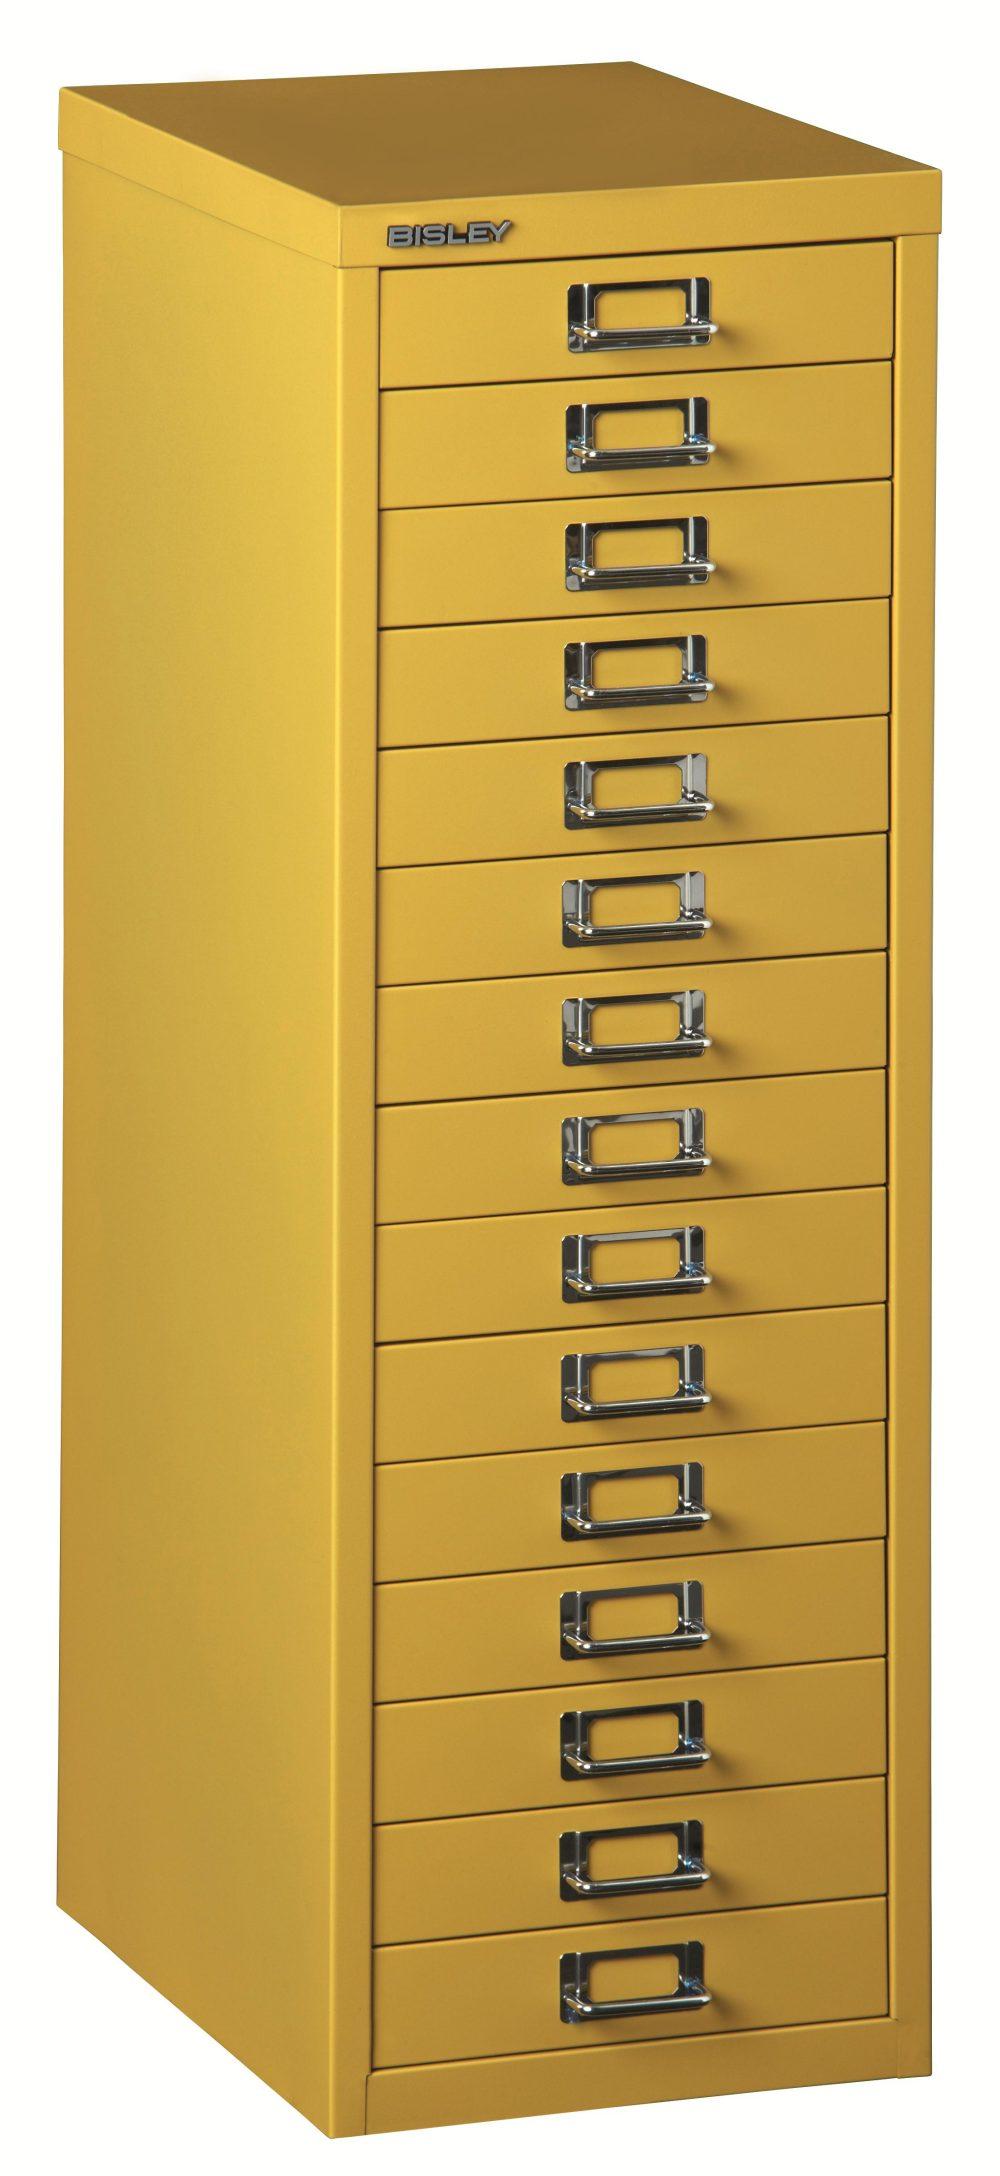 l 3915 gelb robuster din a4 schubladen stahlschrank aus hochwertigem stahl gelb lackiert mit. Black Bedroom Furniture Sets. Home Design Ideas